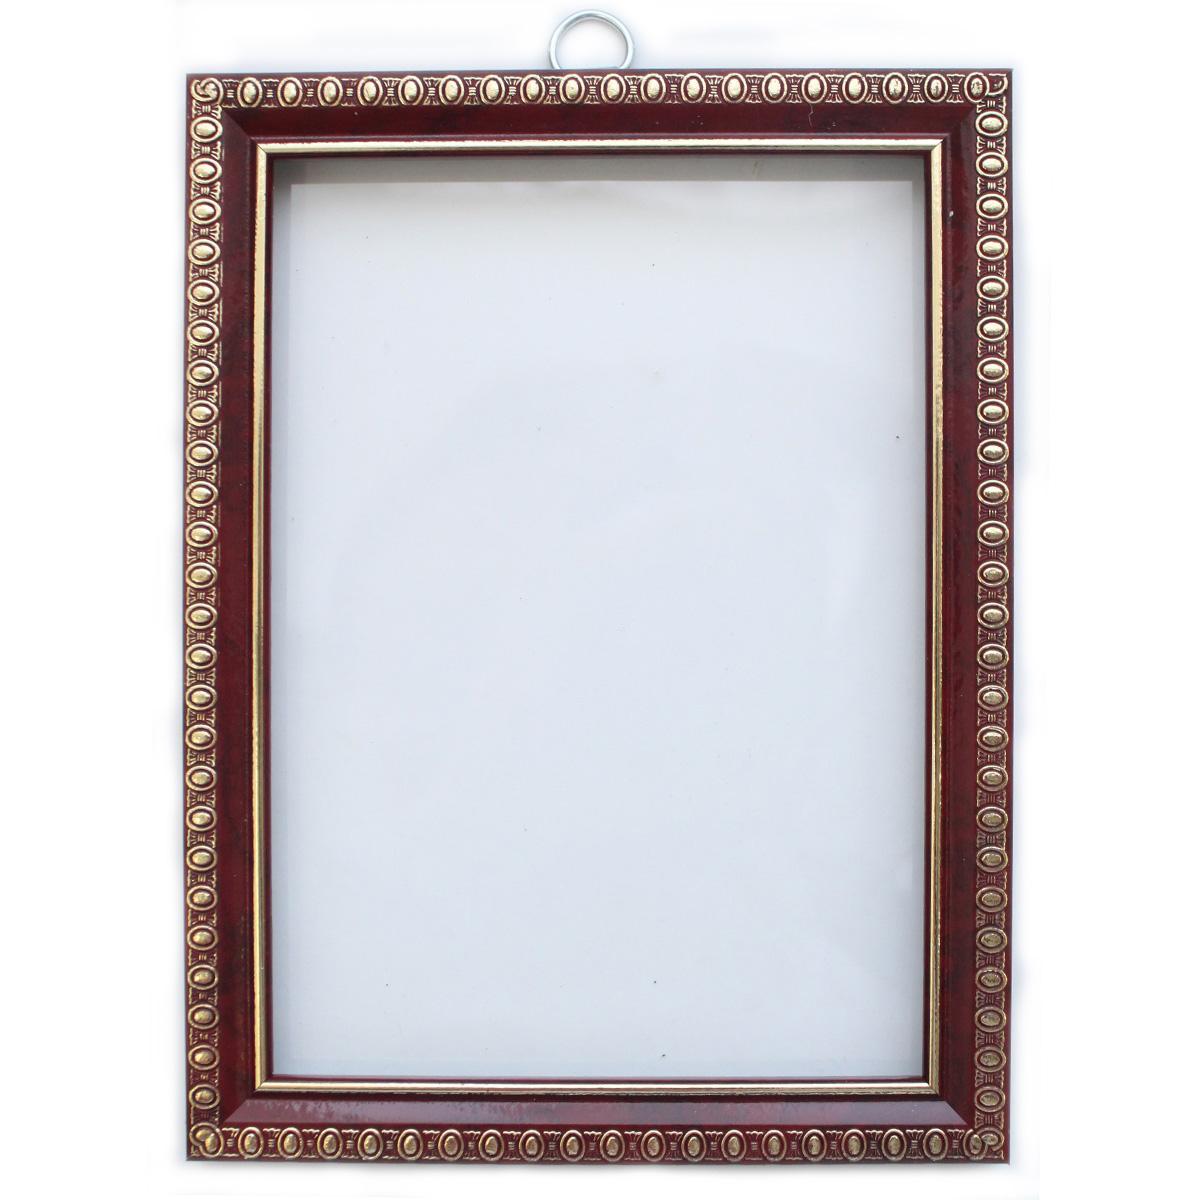 Рама без стекла с прозрачным дном, цвет: вишня, 13х18 см. RAM111007300083Рама без стекла предназначена для оформления картин, фотографий. Обрамленные такой рамкой работы, сразу же преображаются и приобретают завершенный вид.